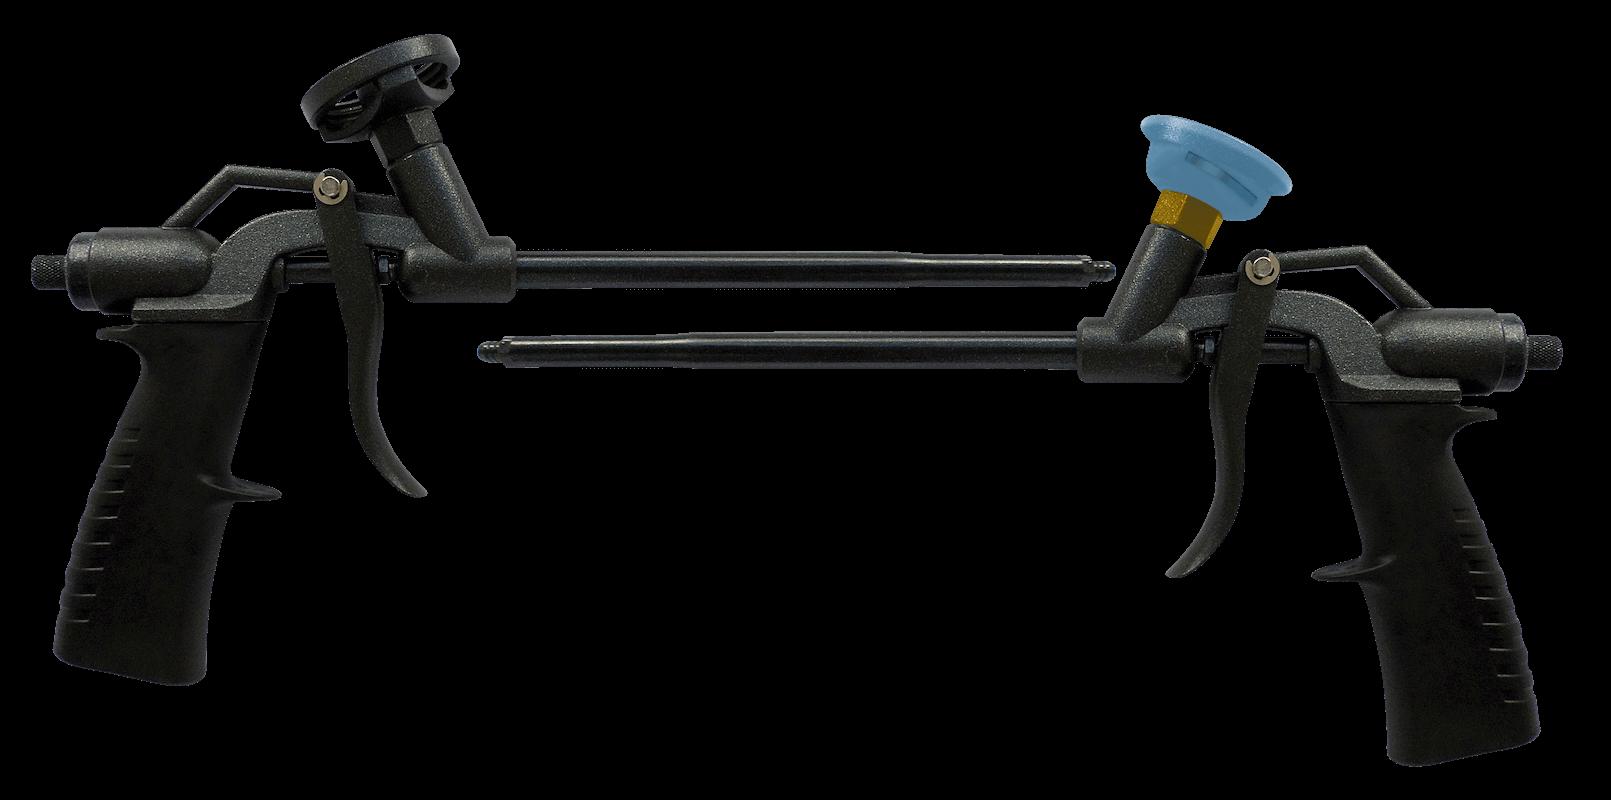 Teflon gun